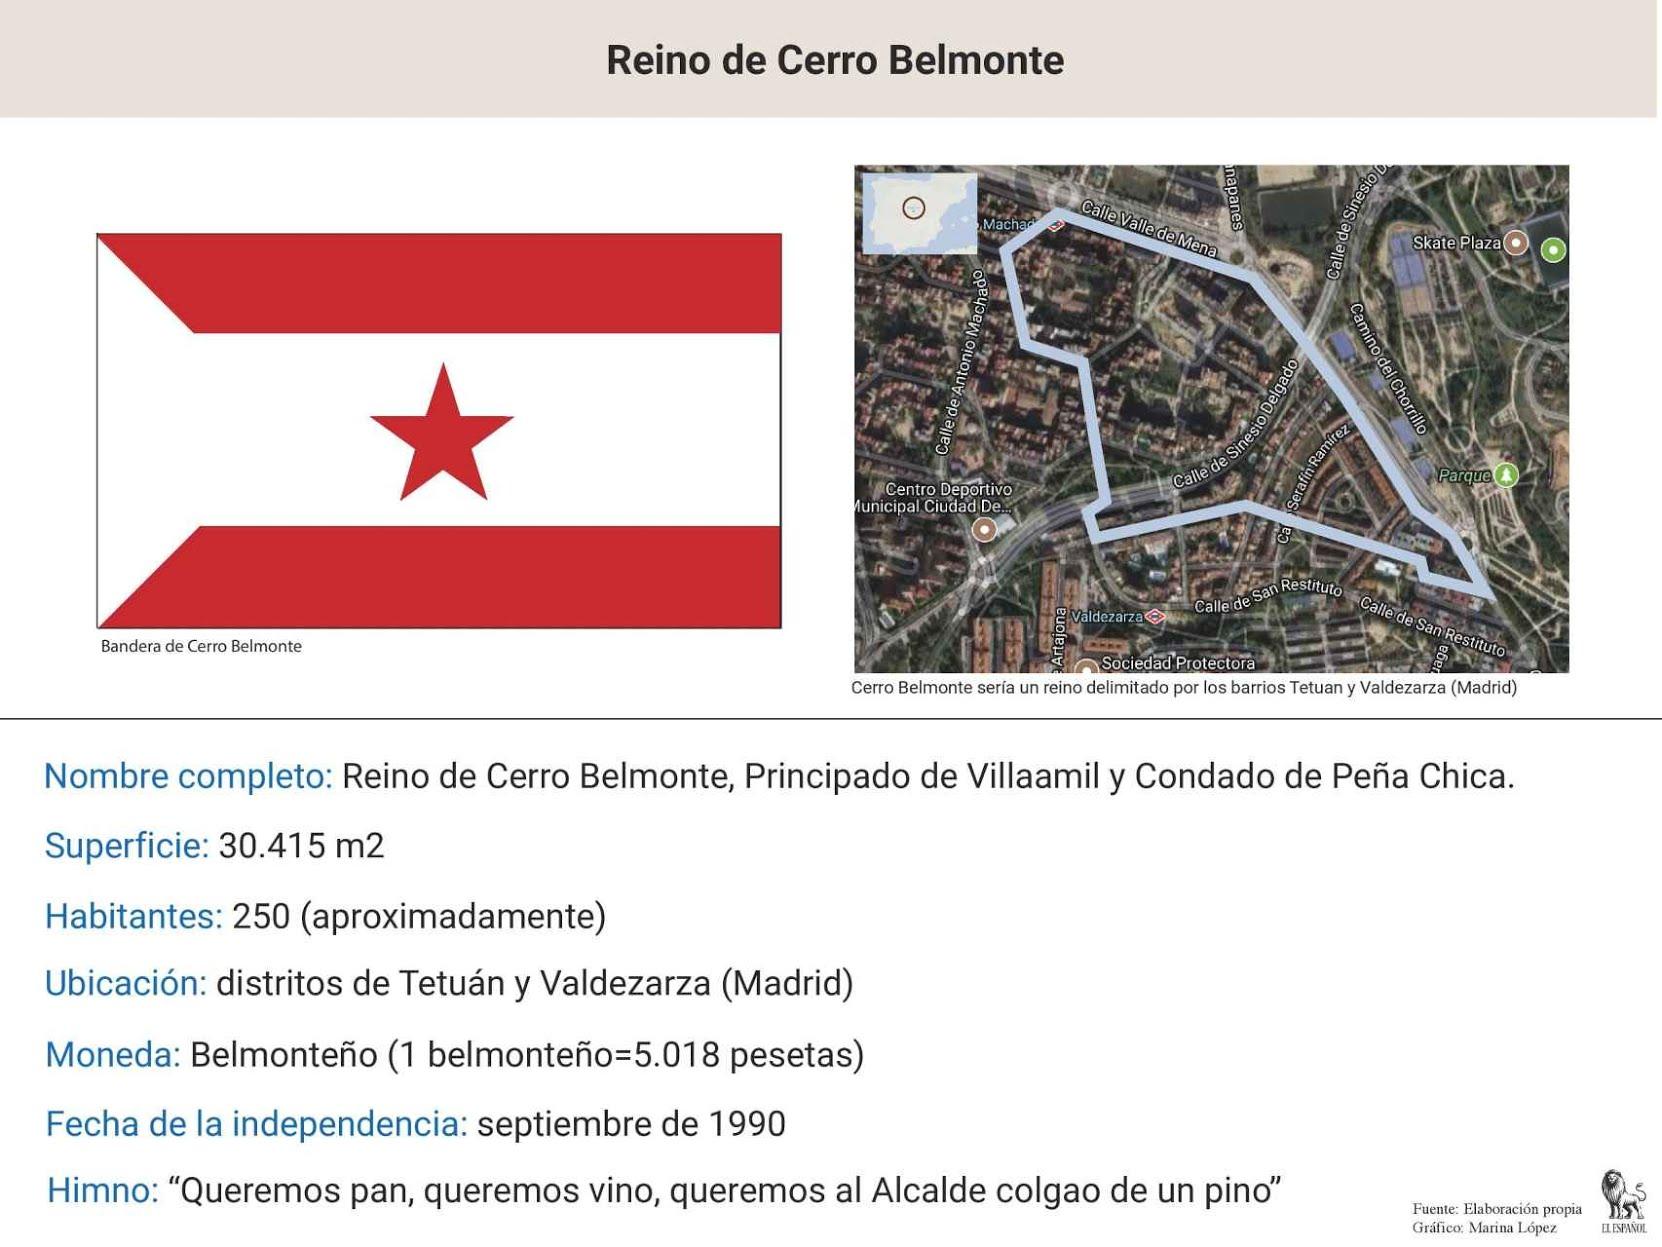 Ficha nacional de Cerro Belmonte, con datos, mapa y bandera